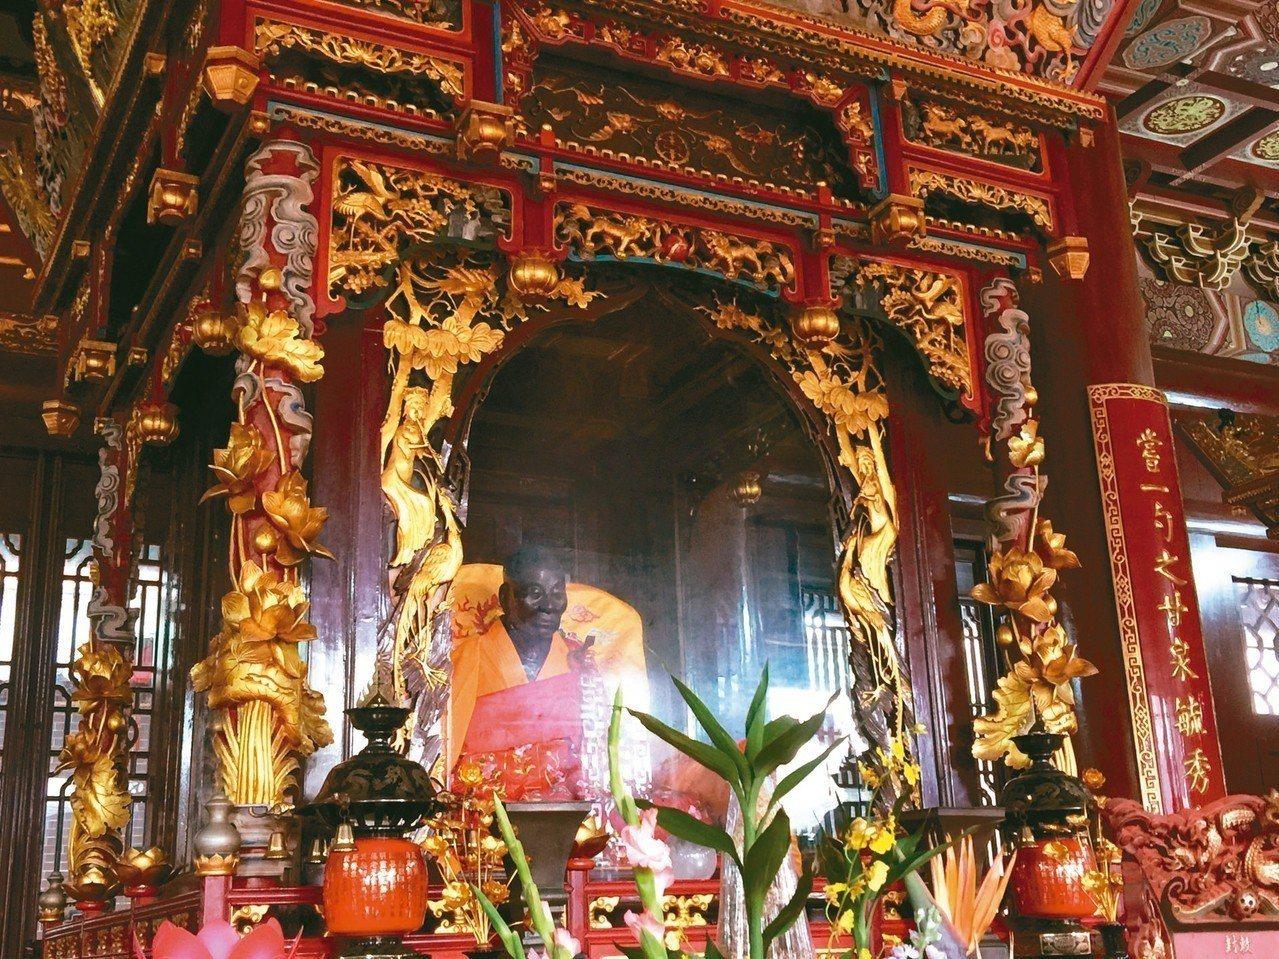 南華寺最珍貴文物「鎮山之寶」:六祖惠能真身坐像。 記者汪莉絹/攝影